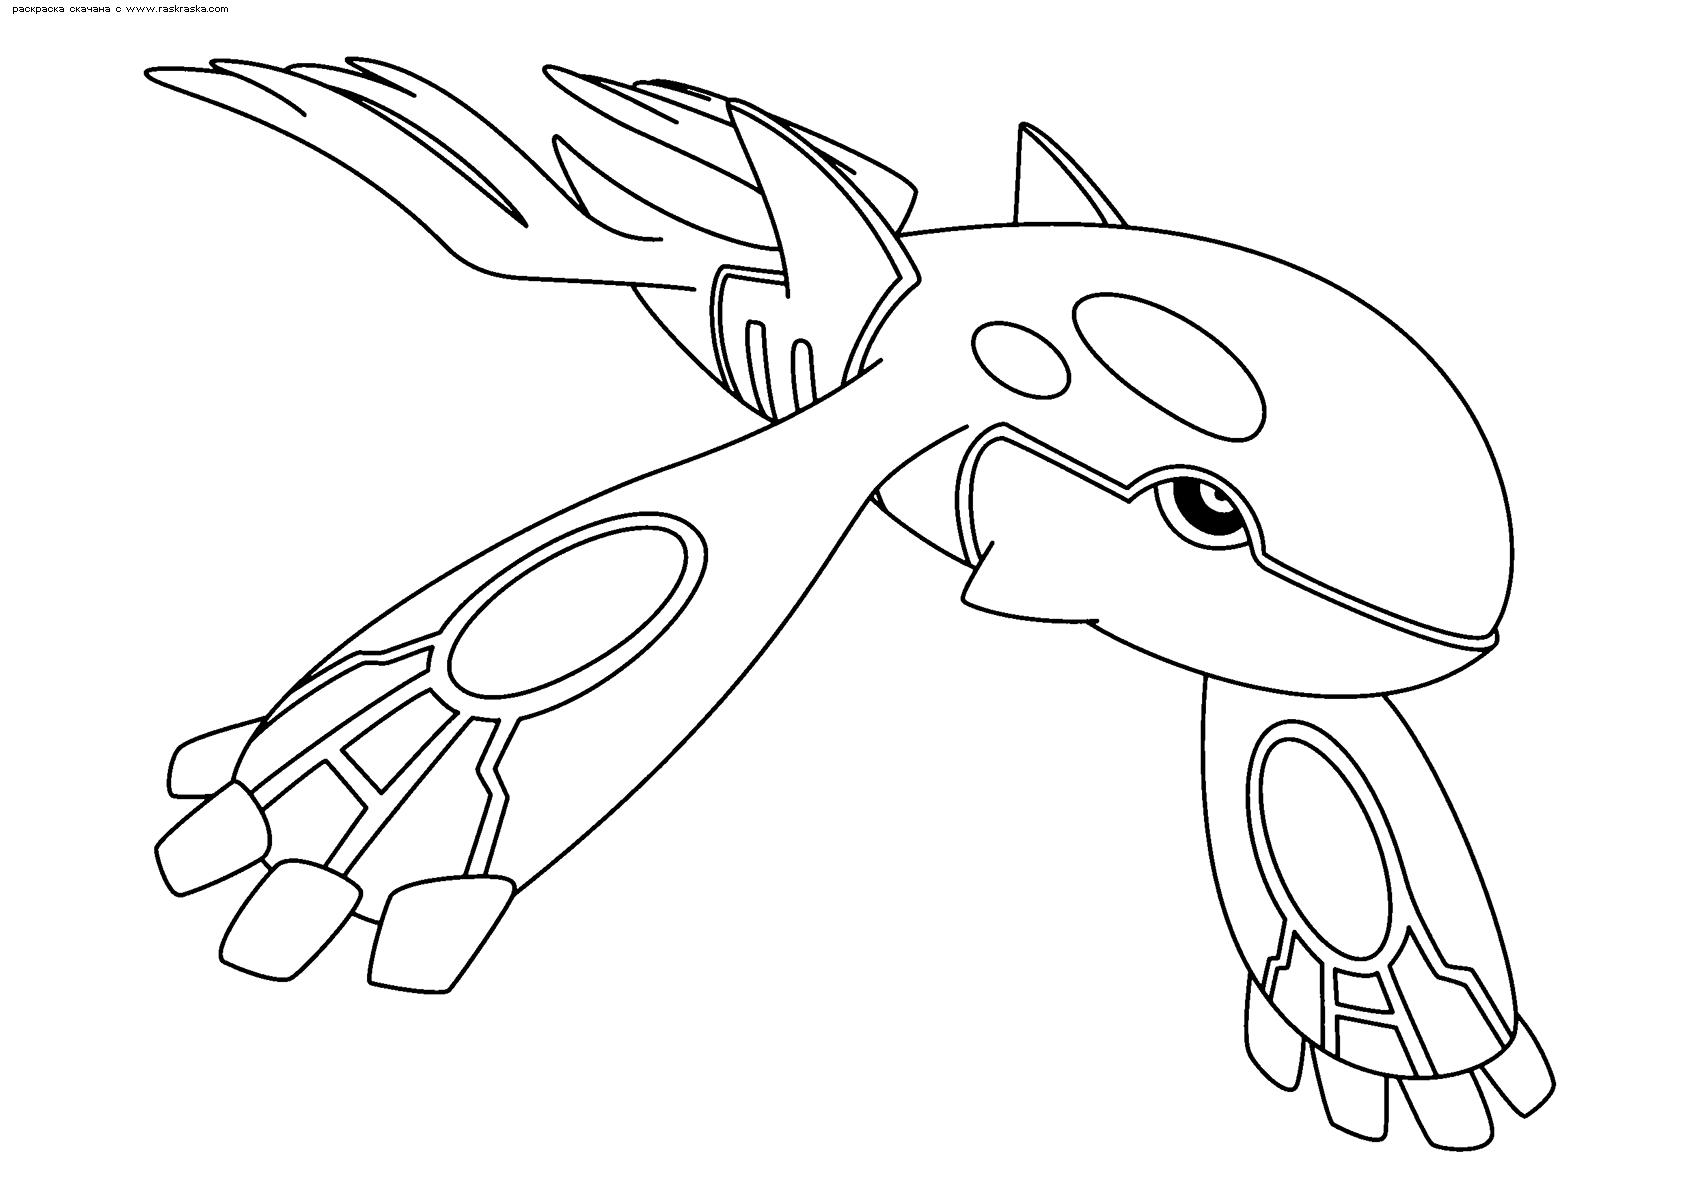 Раскраска Легендарный покемон Кайогр (Kyogre). Раскраска Покемон